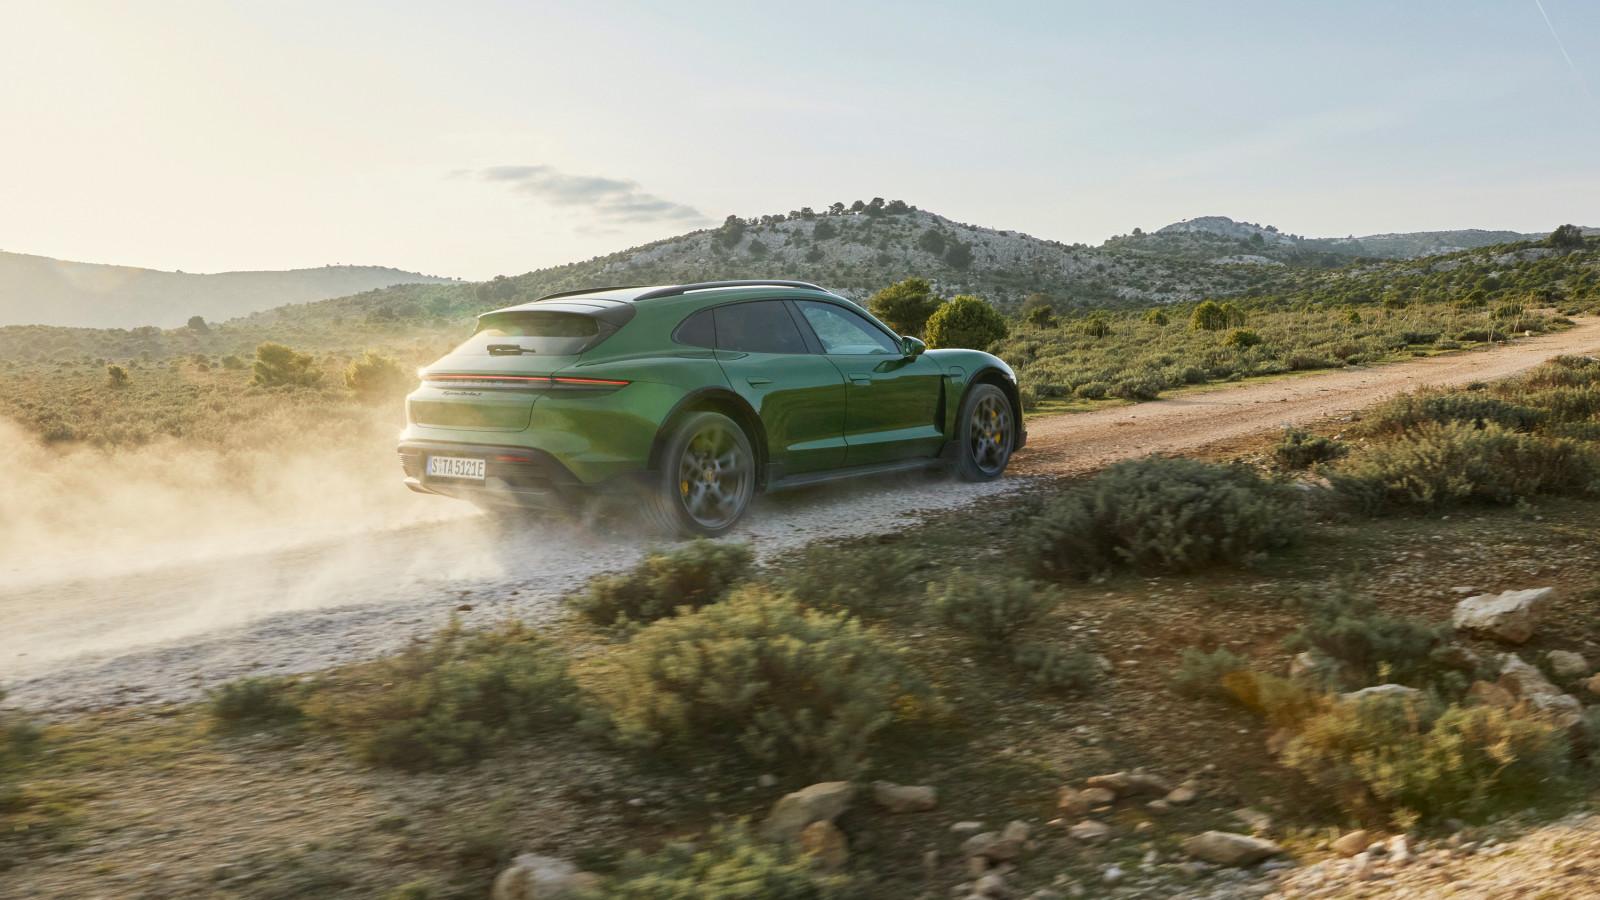 Der neue Porsche Taycan Cross Turismo ist ein E-Auto mit Offroad-Qualitäten.